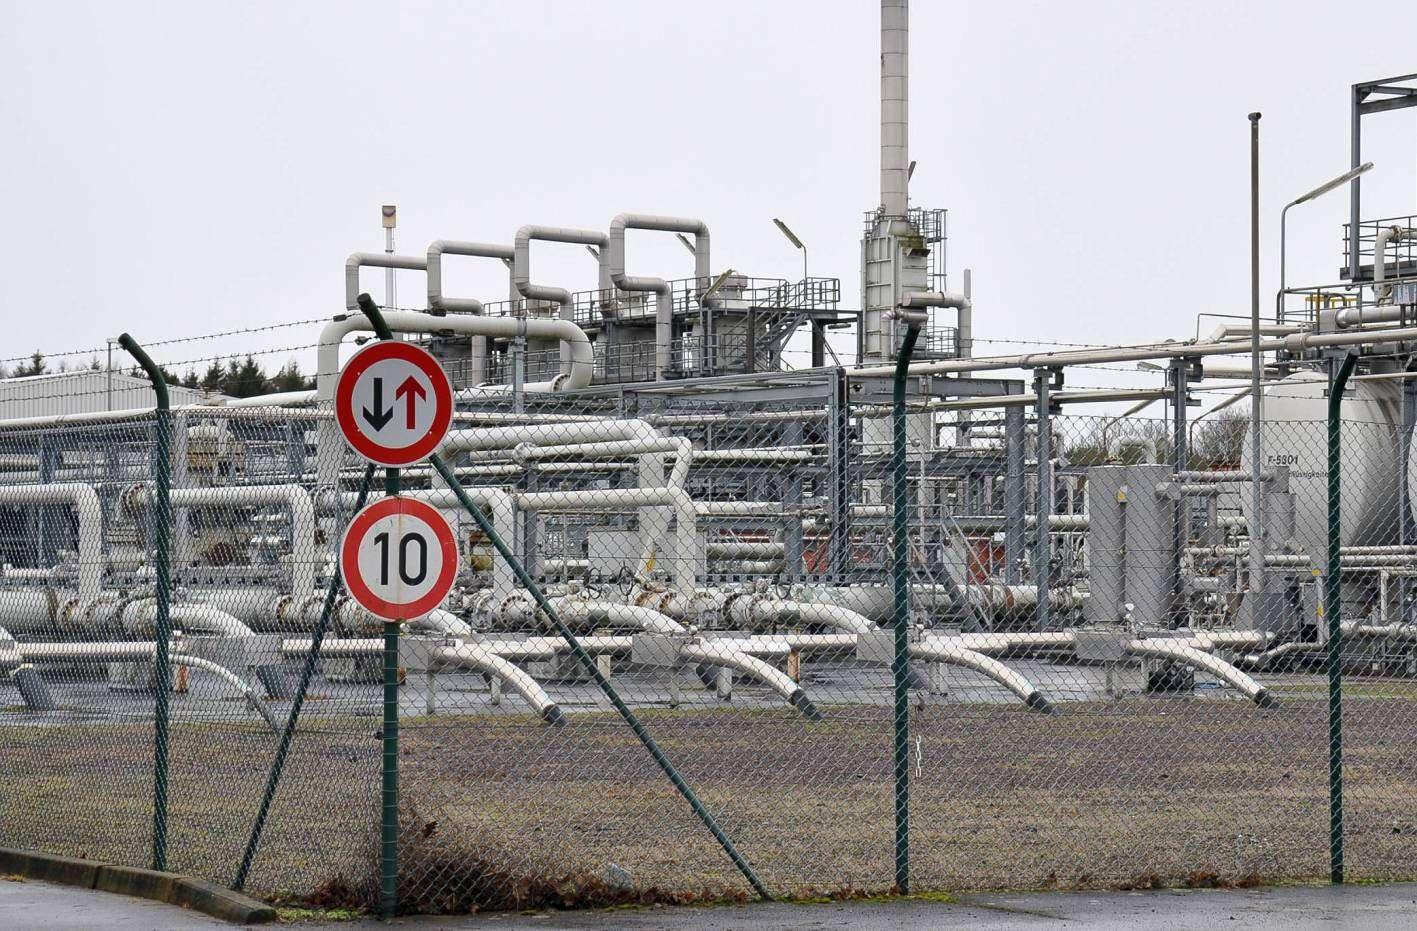 Das Exxon-Betriebsgelände in Bellen: Samtgemeinderat Bothel und die AG Erdgas fordern das Landesbergamt auf, eine Umweltverträglichkeitsprüfung vorzunehmen. Archivfoto: Doris Metternich